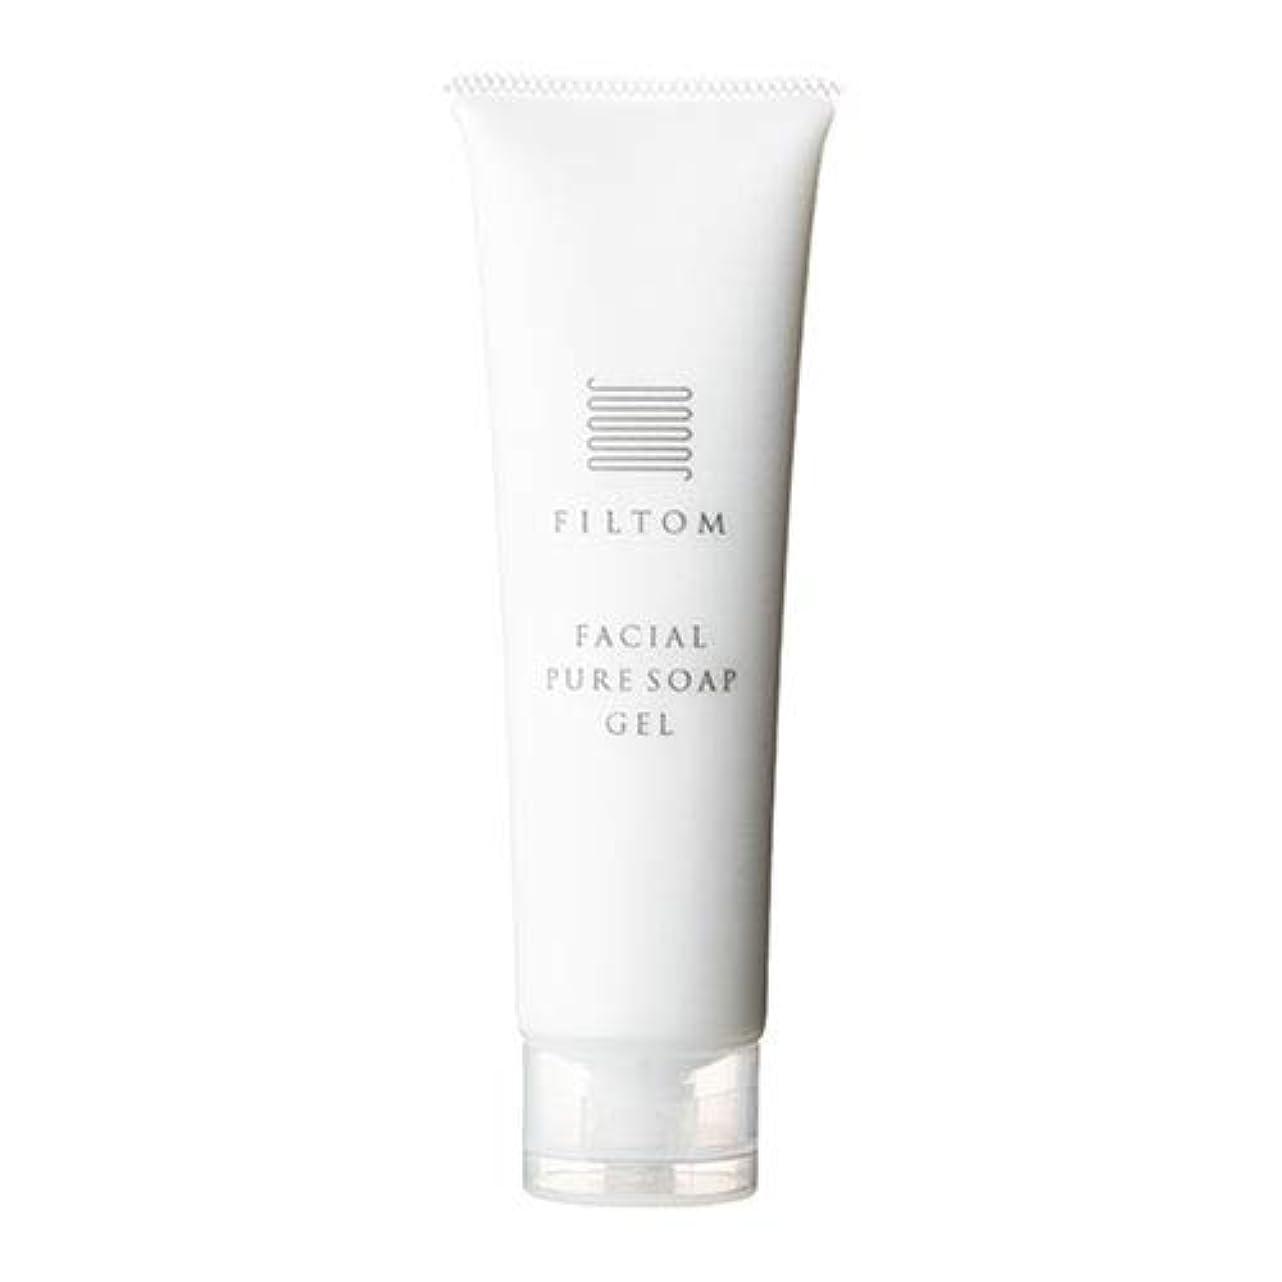 きらめく調和のとれた価値フィルトム純石鹸ベース洗顔フォーム S6A 100mL